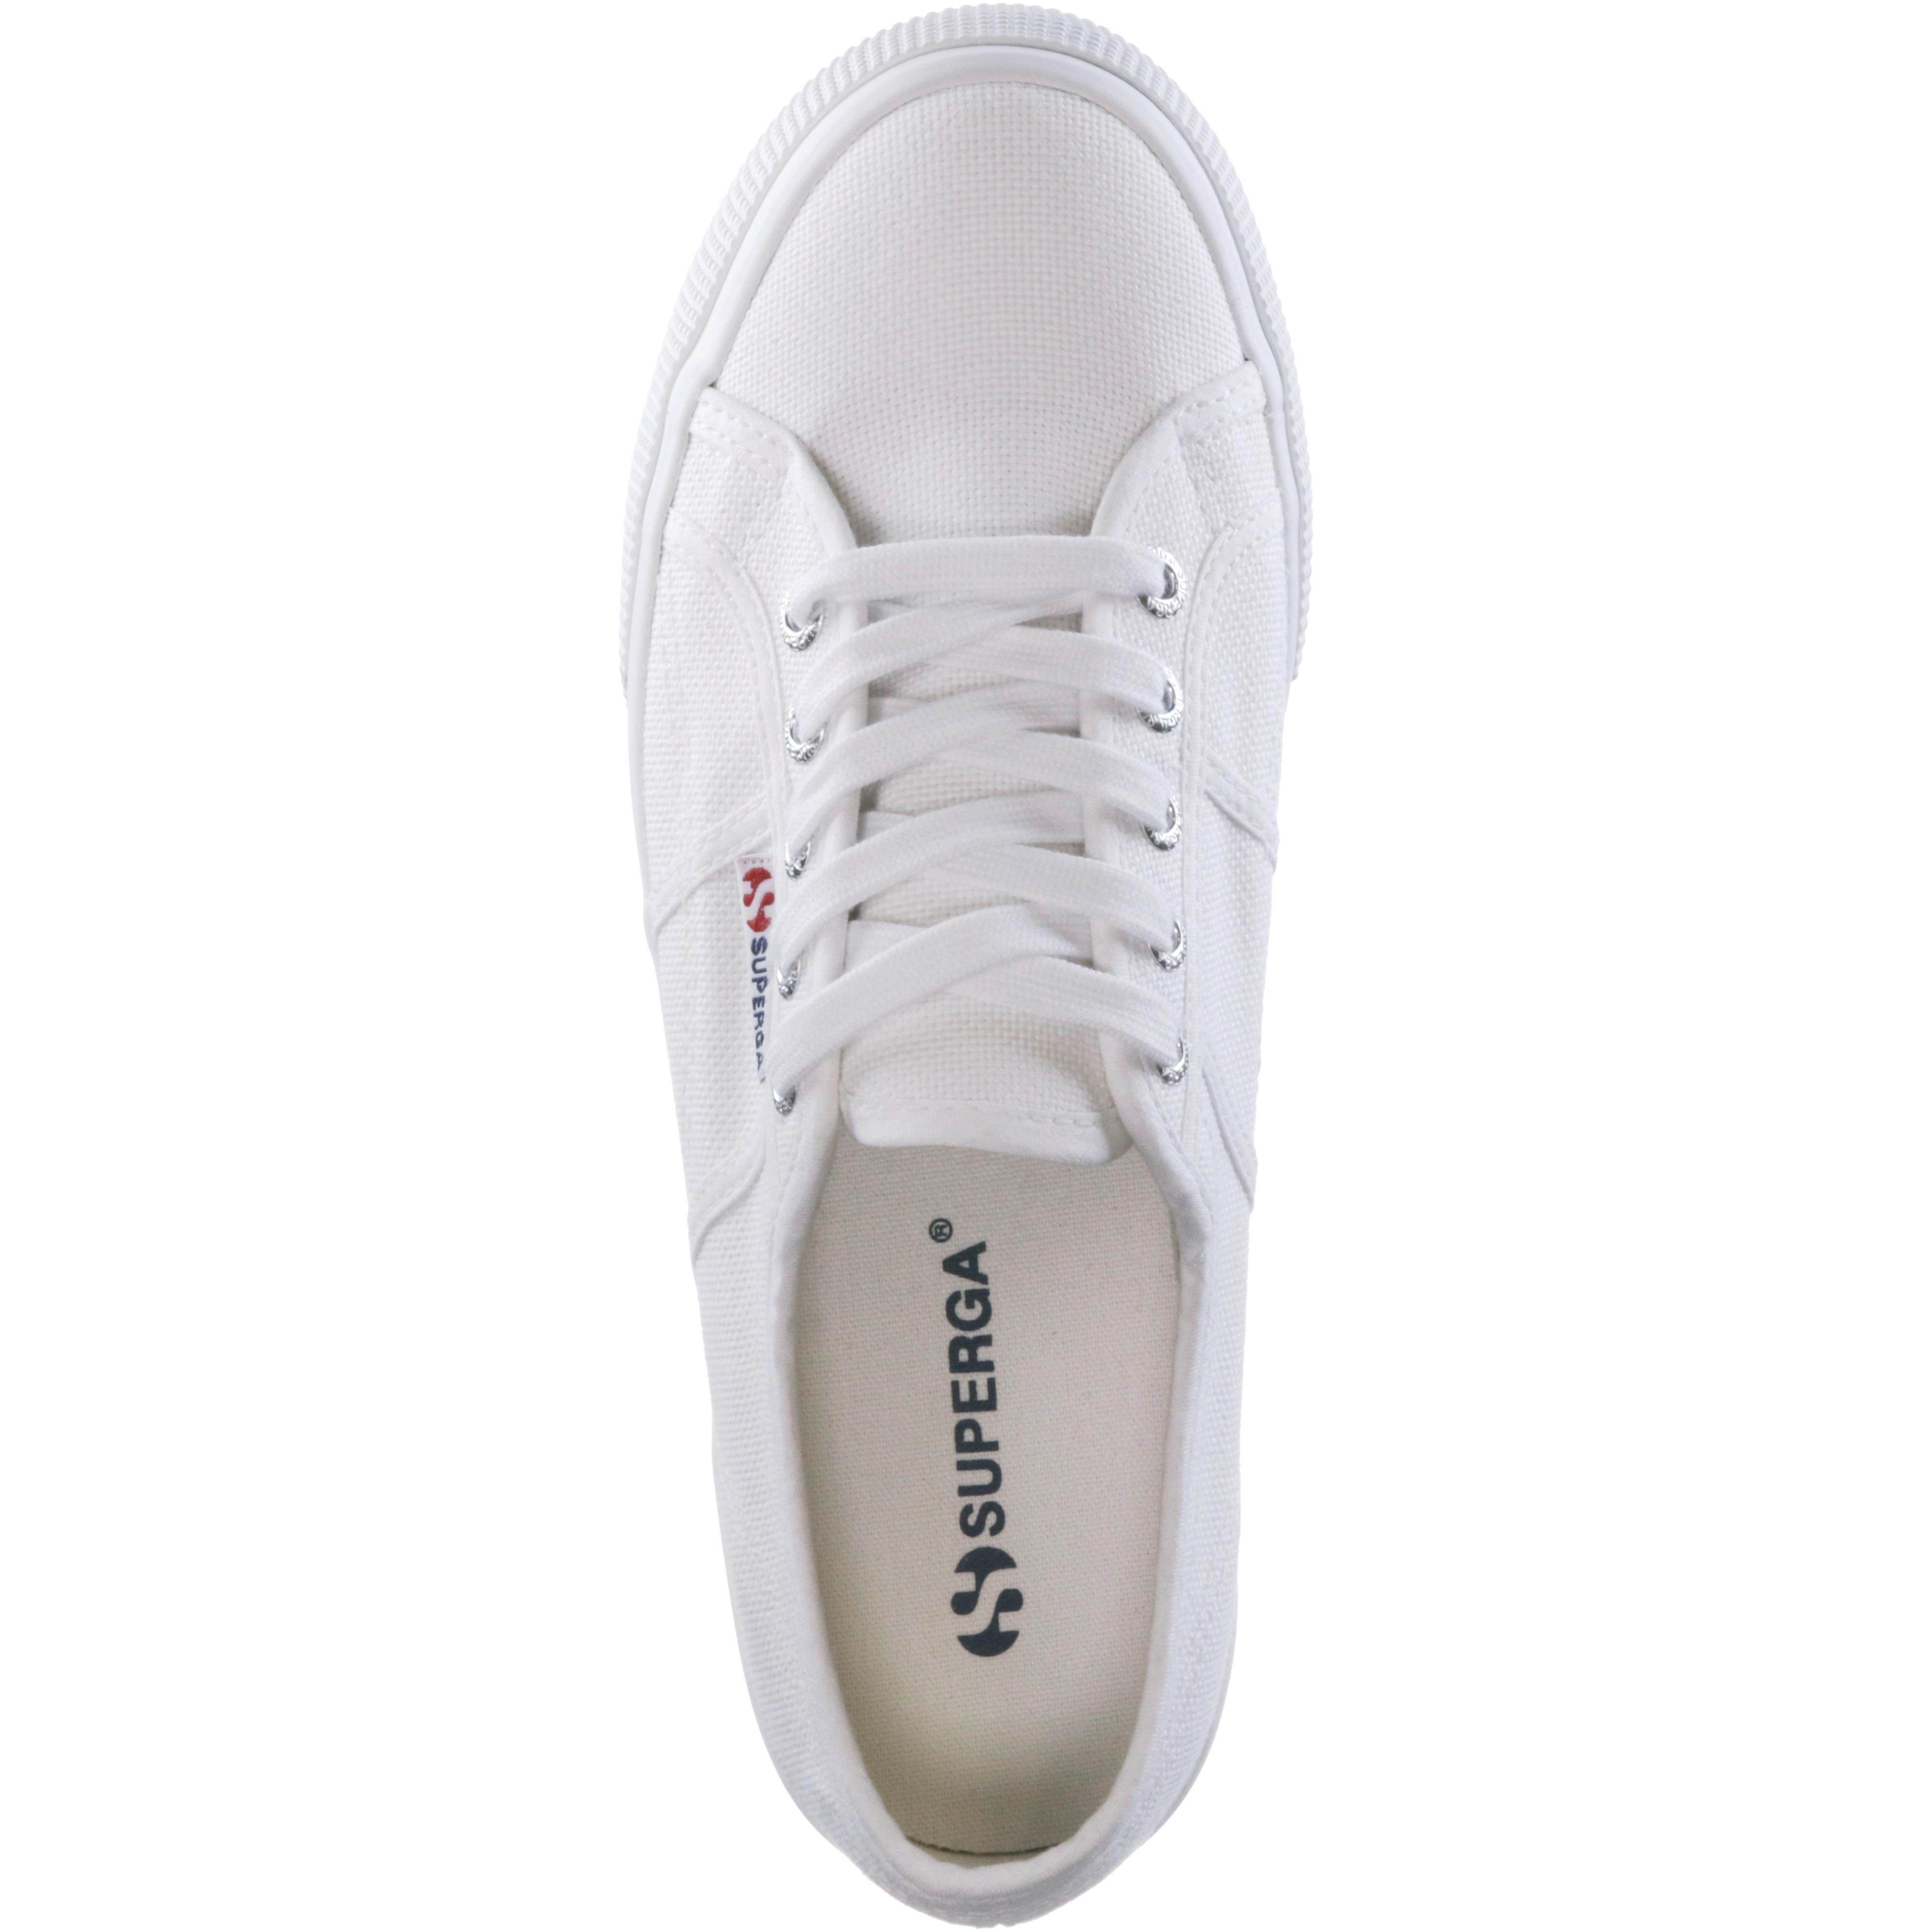 Superga Superga Superga Acotw Linea Up & Down Turnschuhe Damen weiß im Online Shop von SportScheck kaufen Gute Qualität beliebte Schuhe 9ef802